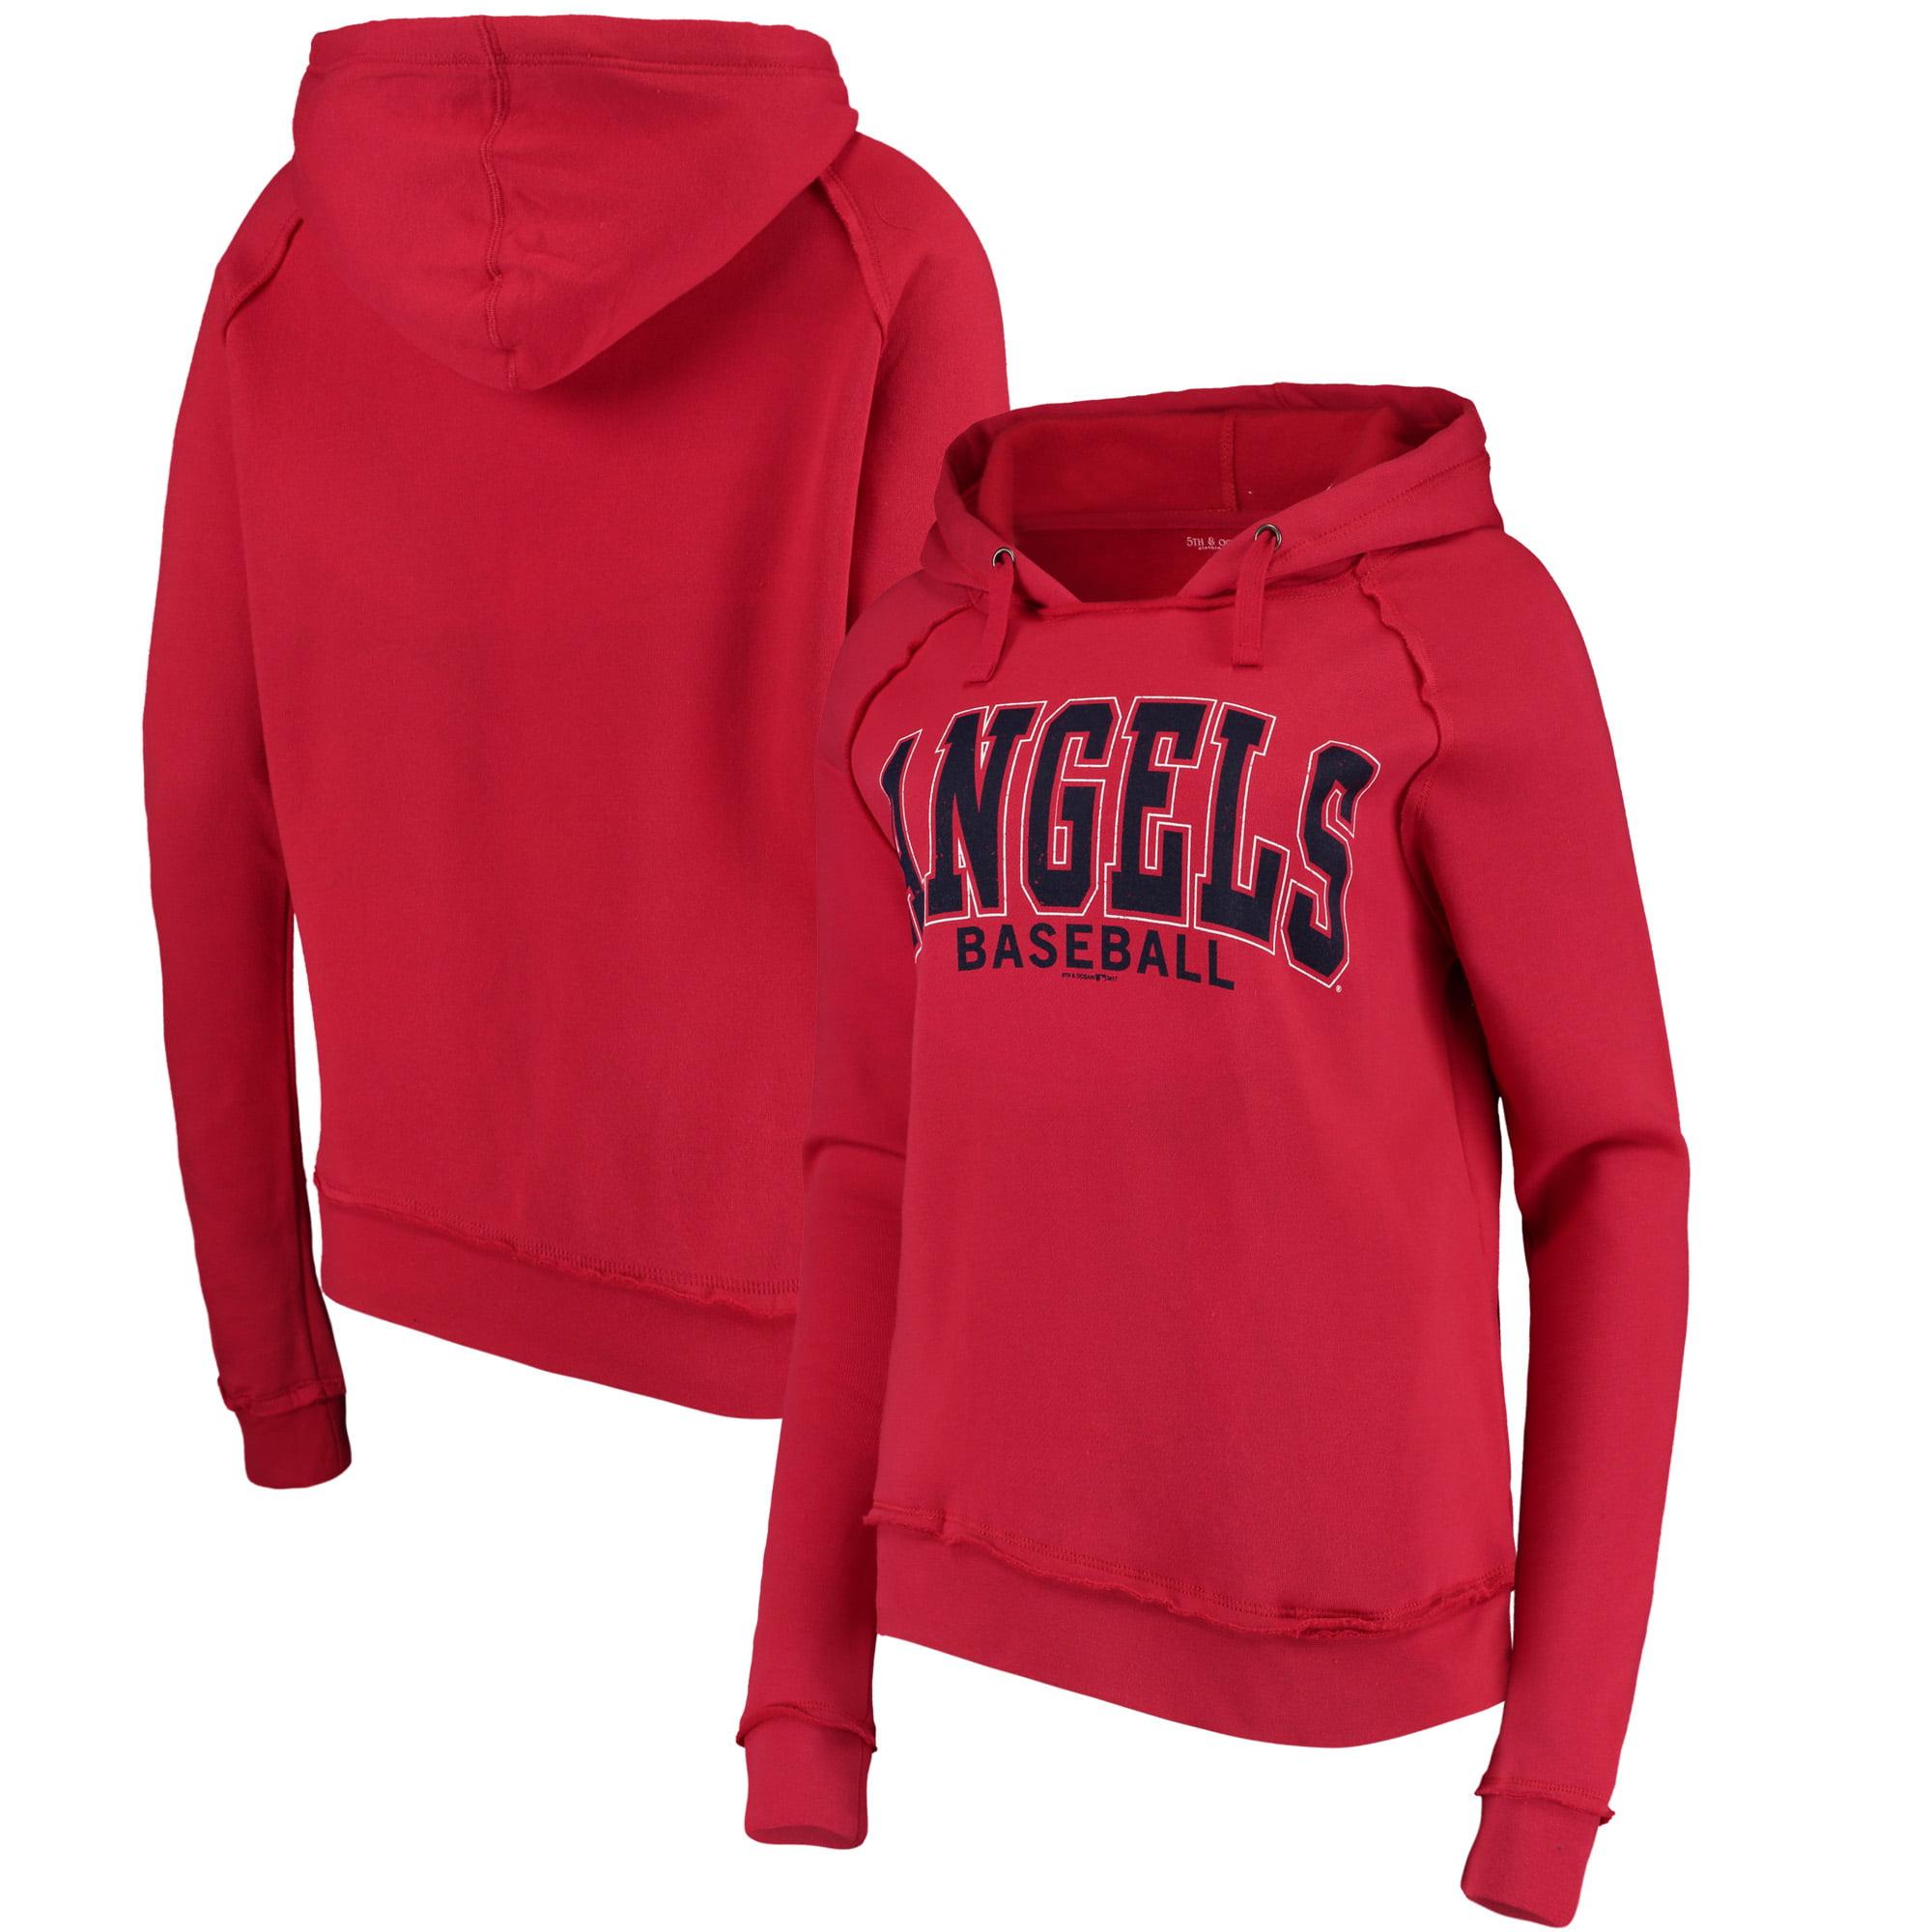 Women's 5th & Ocean by New Era Red Los Angeles Angels Defense Raglan Pullover Hoodie